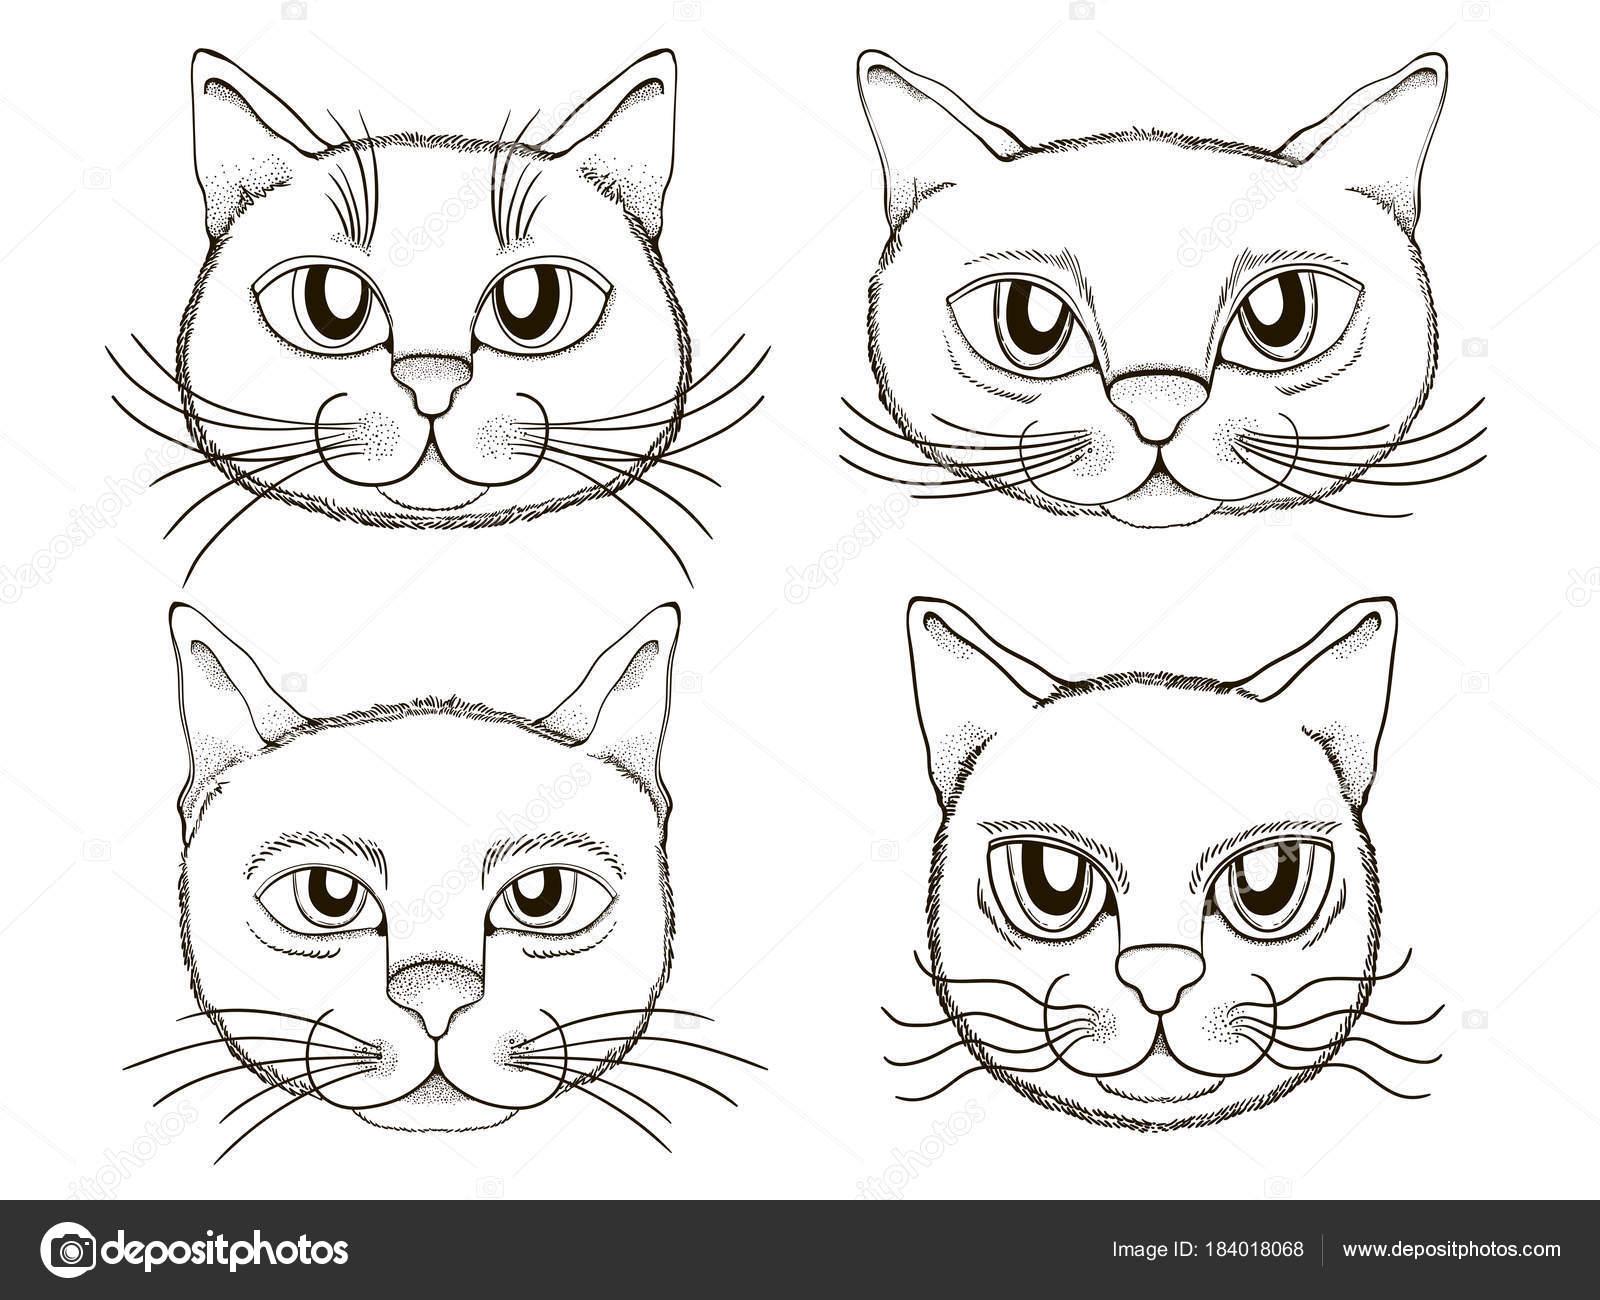 Kediler Kafa Ifadeleri Vektör Kümesi Boyama Kitap öğesini Stok